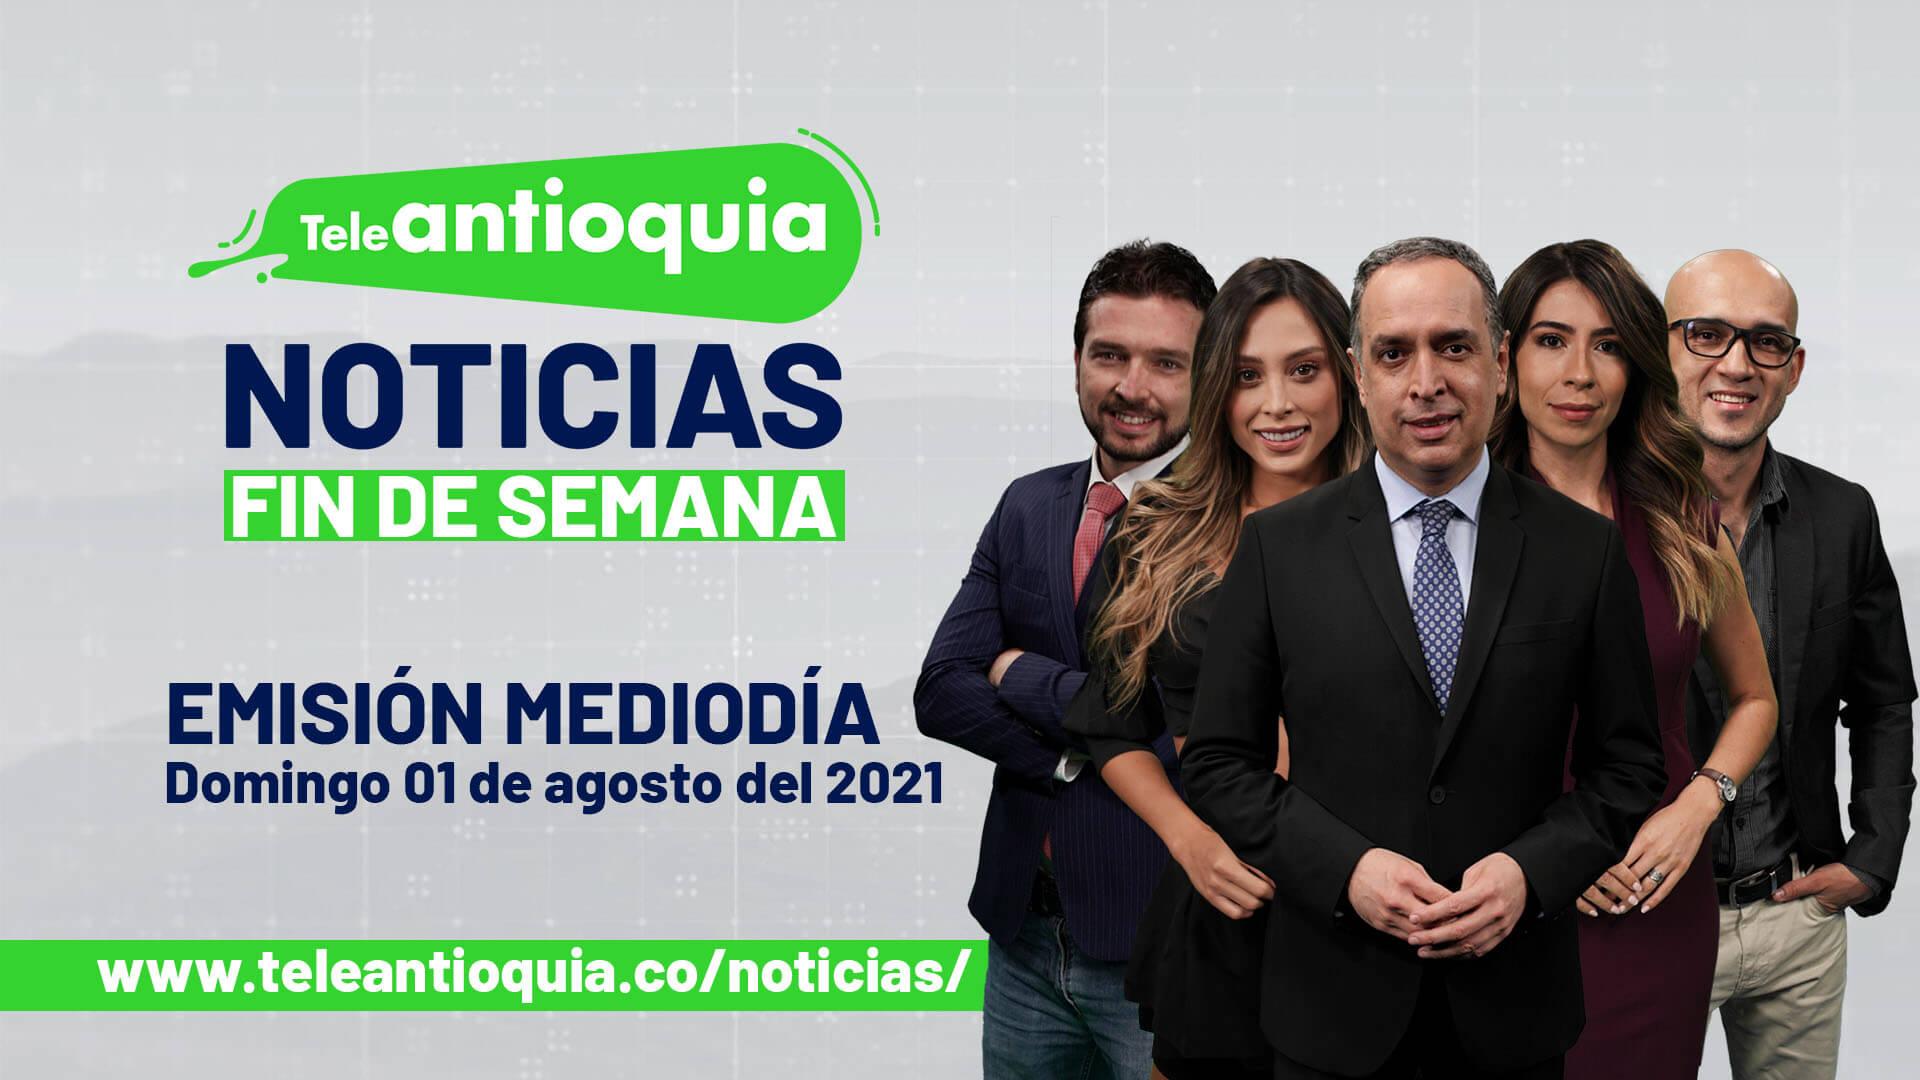 Teleantioquia Noticias – domingo 01 de agosto de 2021 mediodía